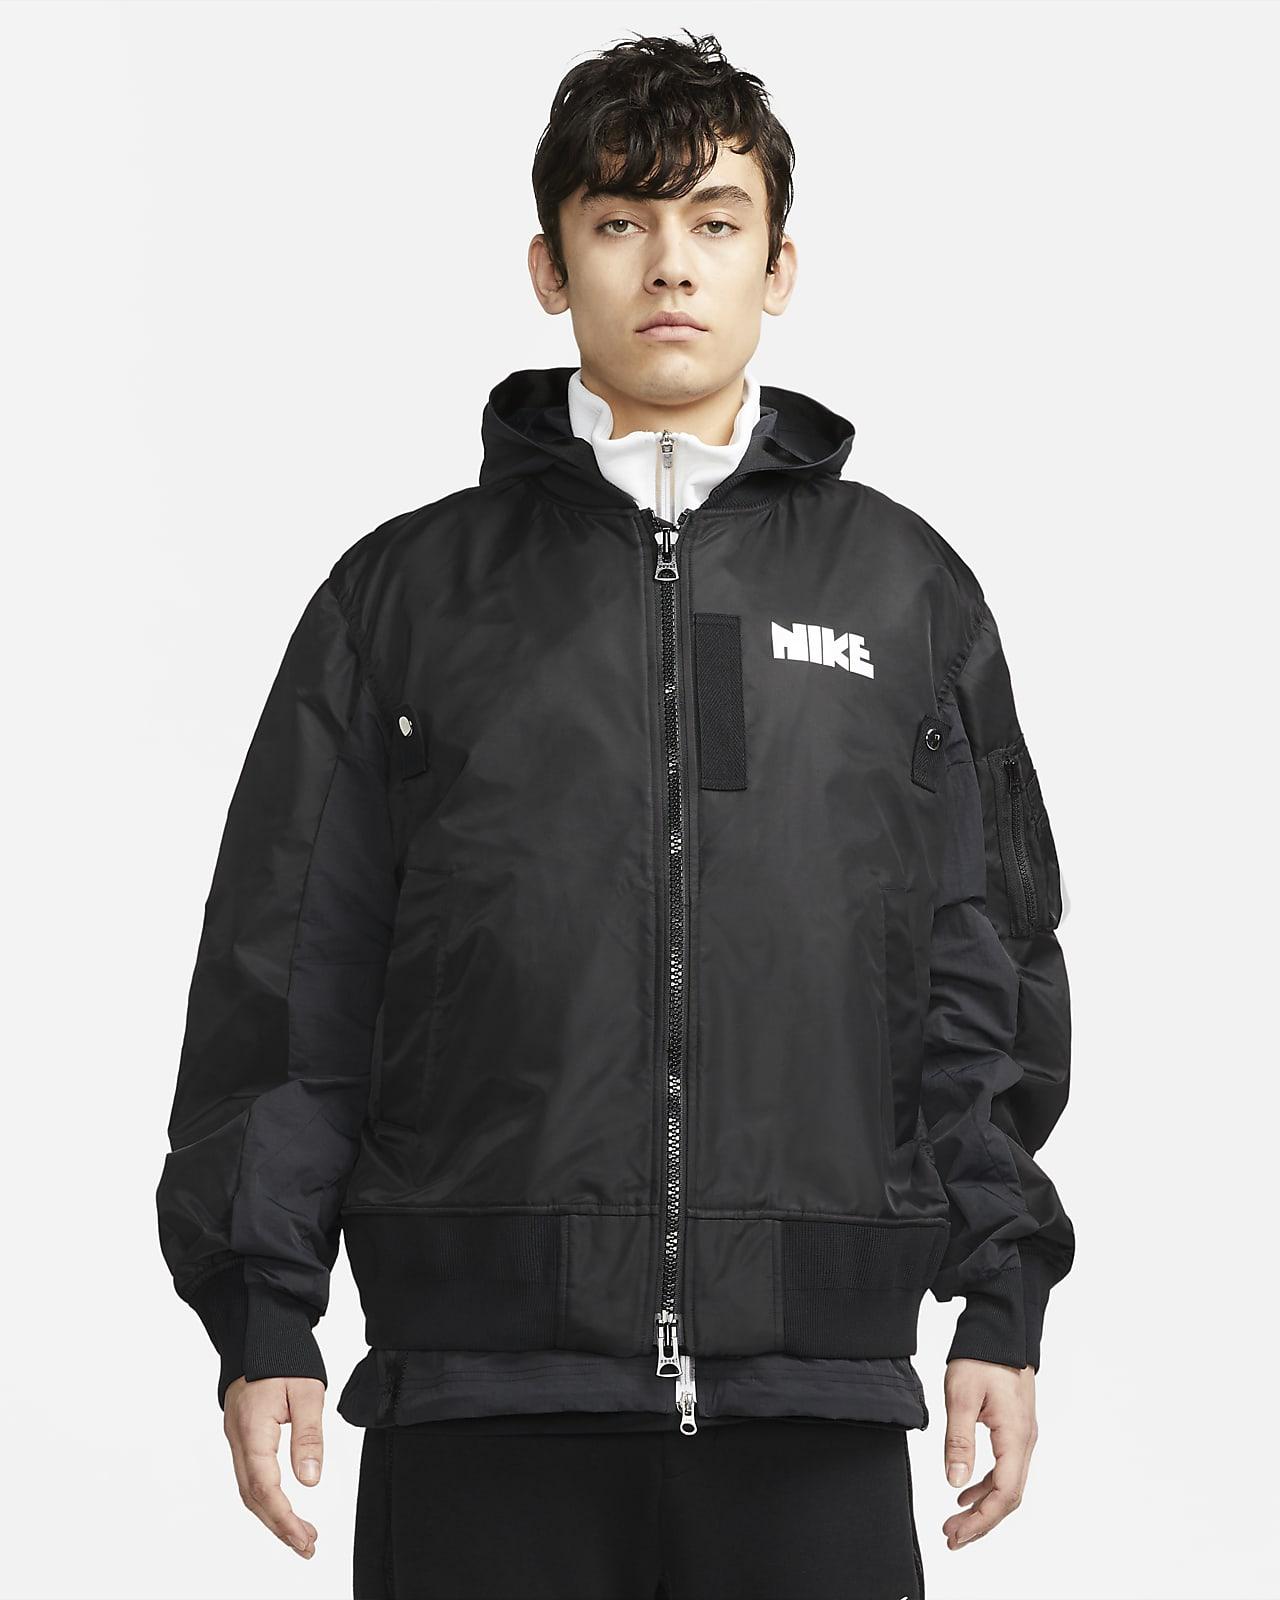 เสื้อแจ็คเก็ตผู้ชาย Nike x sacai